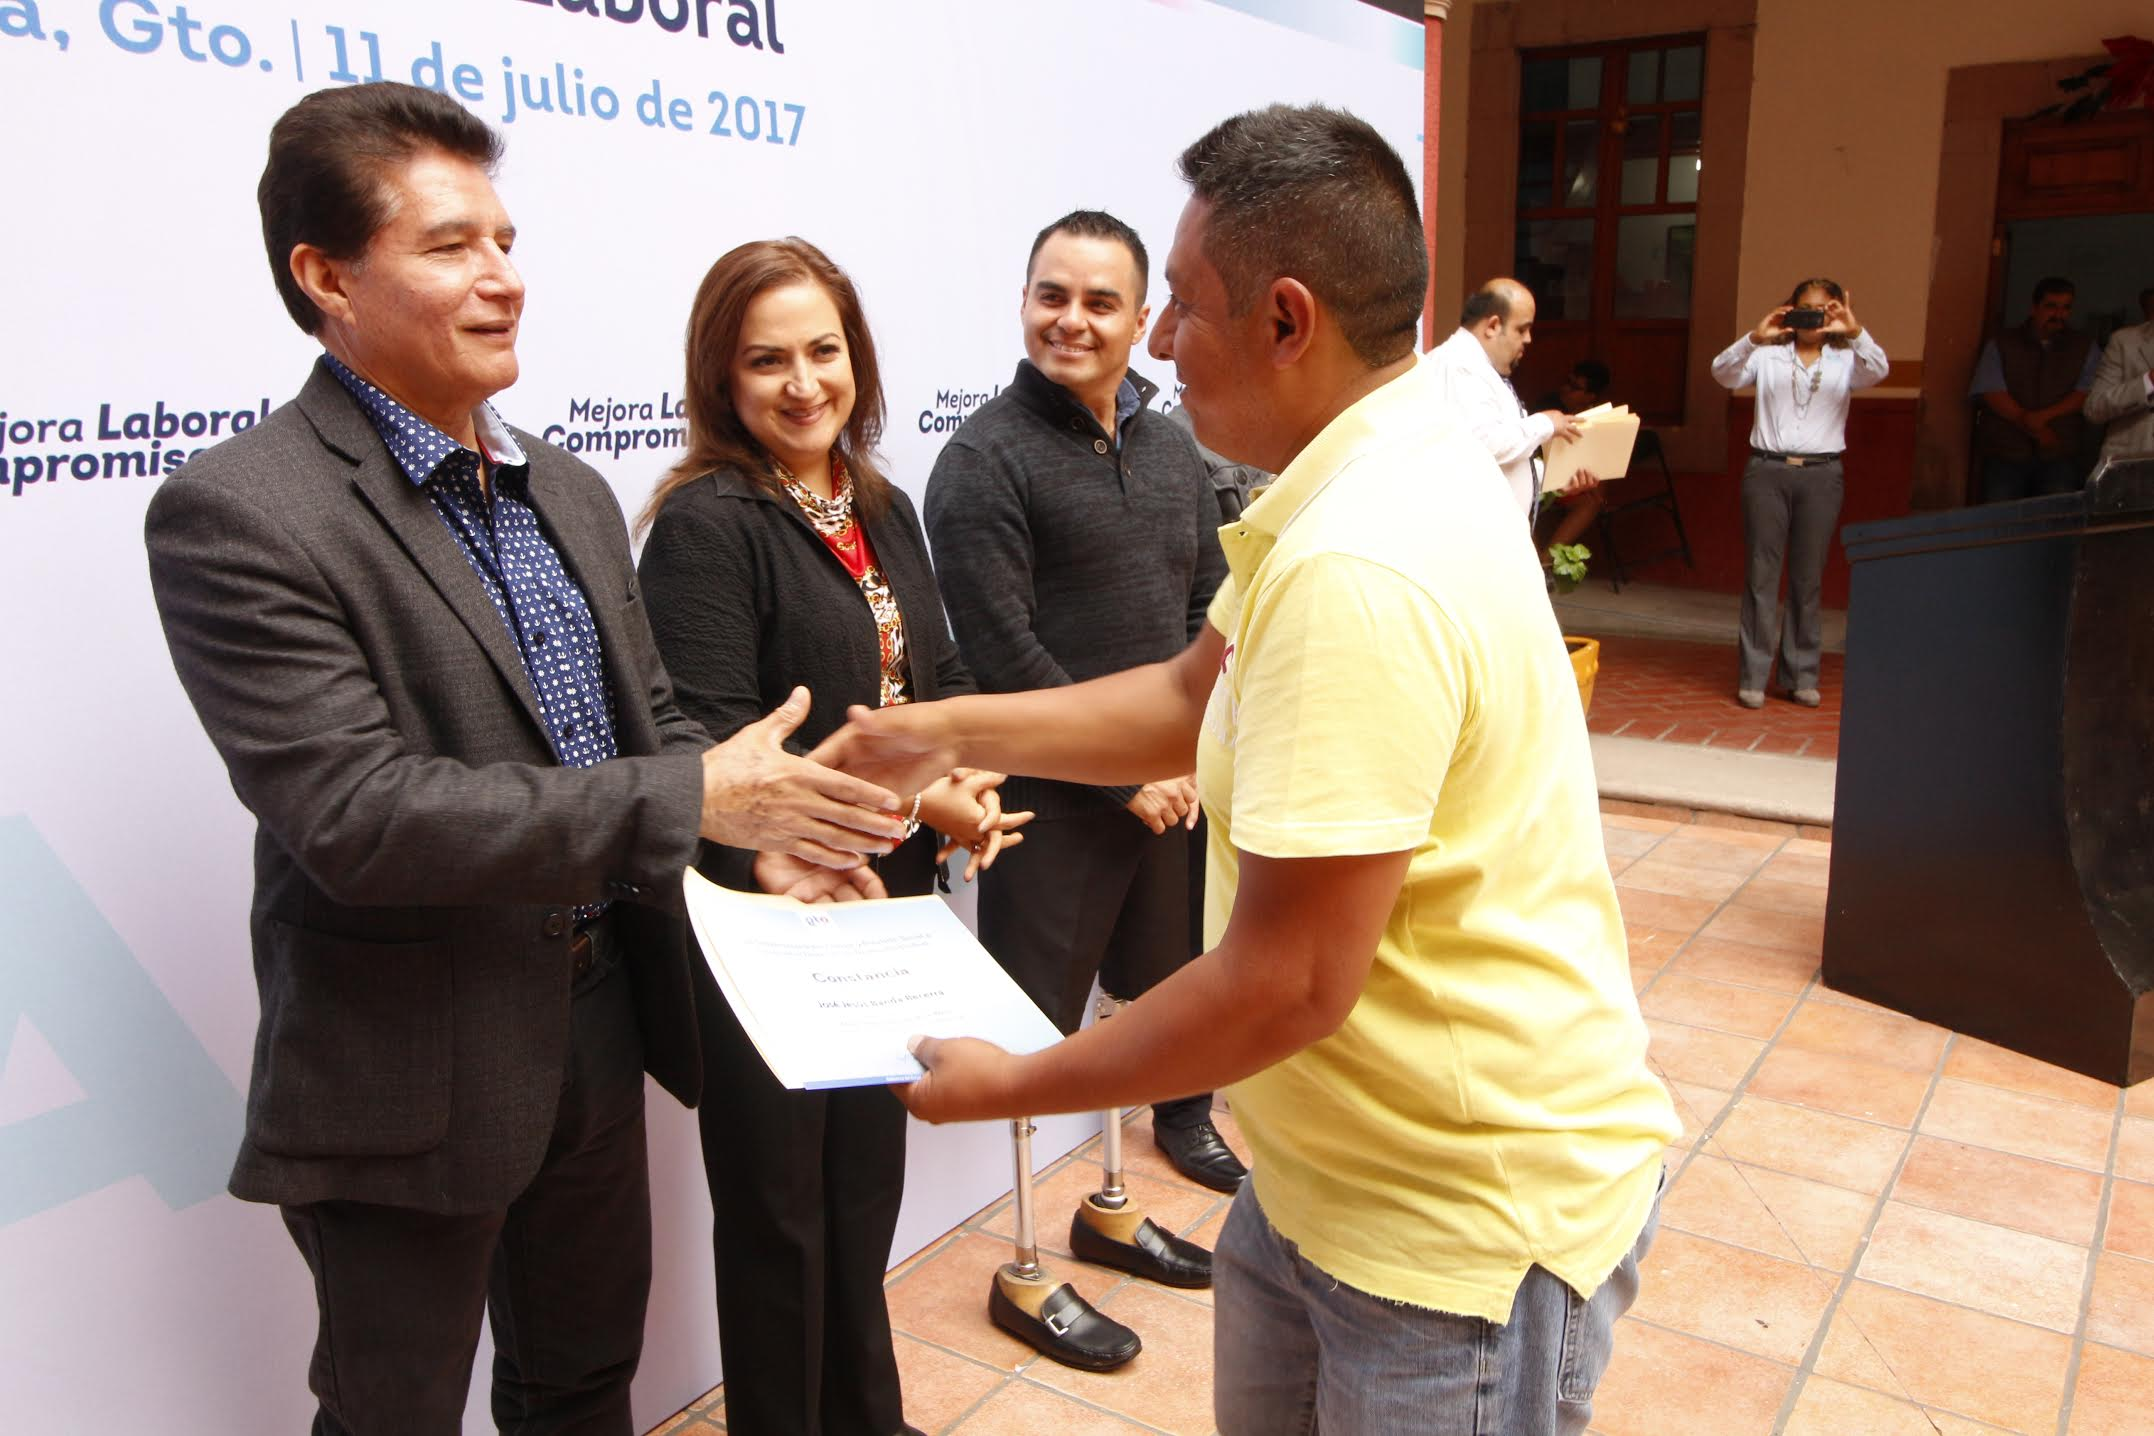 En dicha capacitación los trabajadores vieron temas sobre; como ser líder y clave de proceso de mejora y aspectos básicos del sindicato en México.